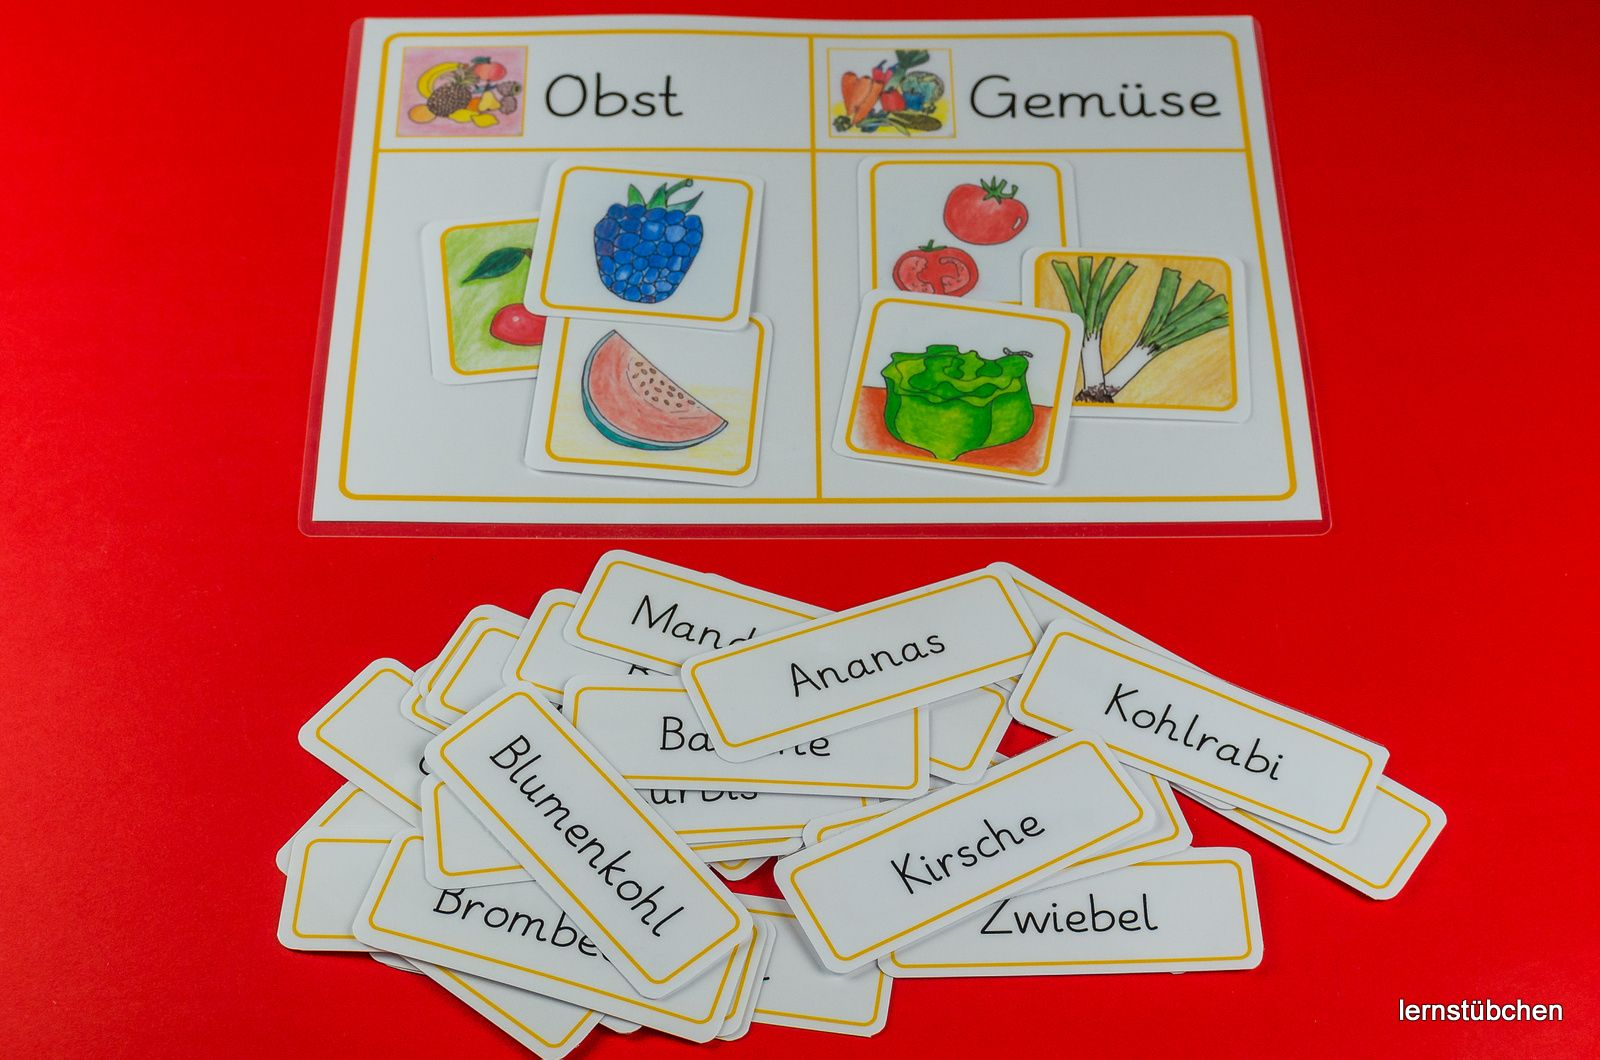 Lernstübchen: Obst oder Gemüse